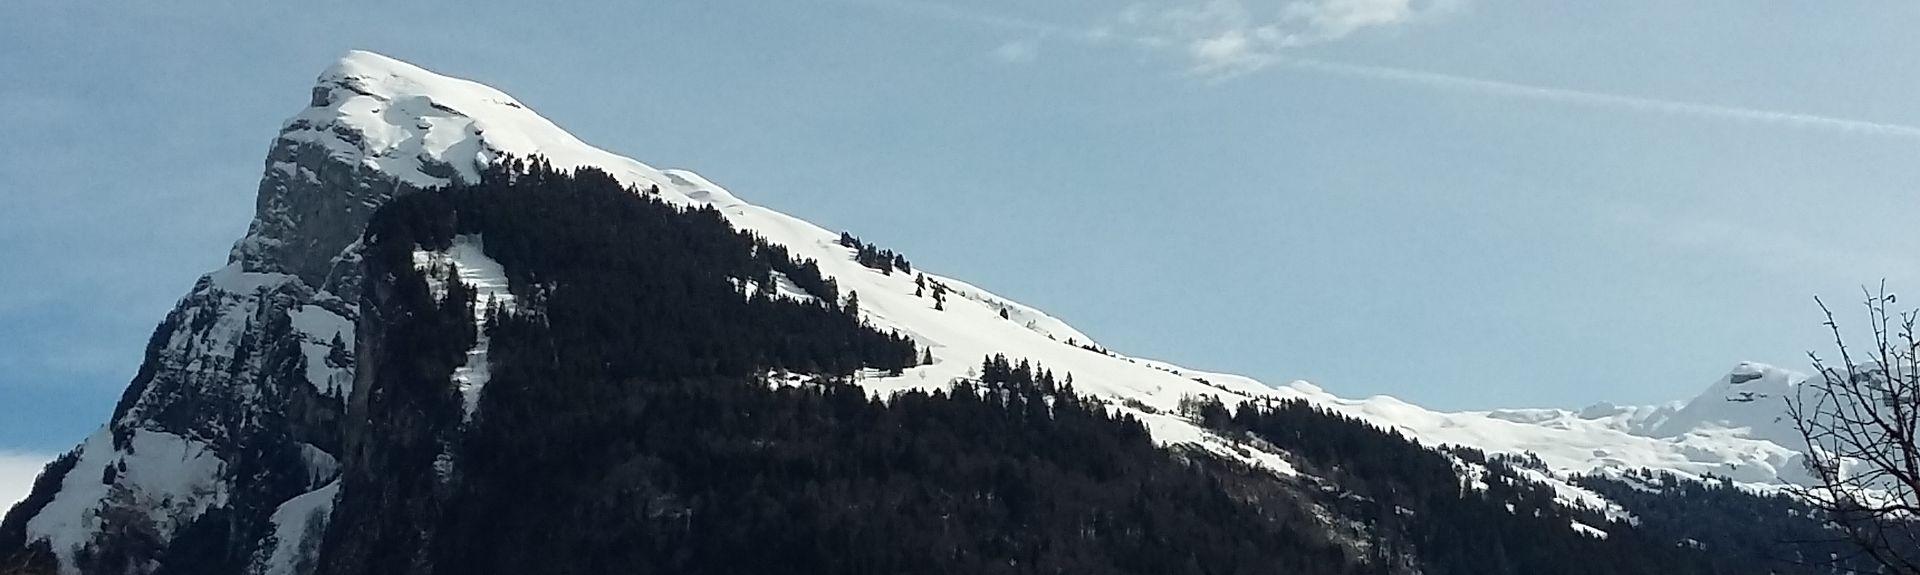 Mieussy, Rhône-Alpes, France